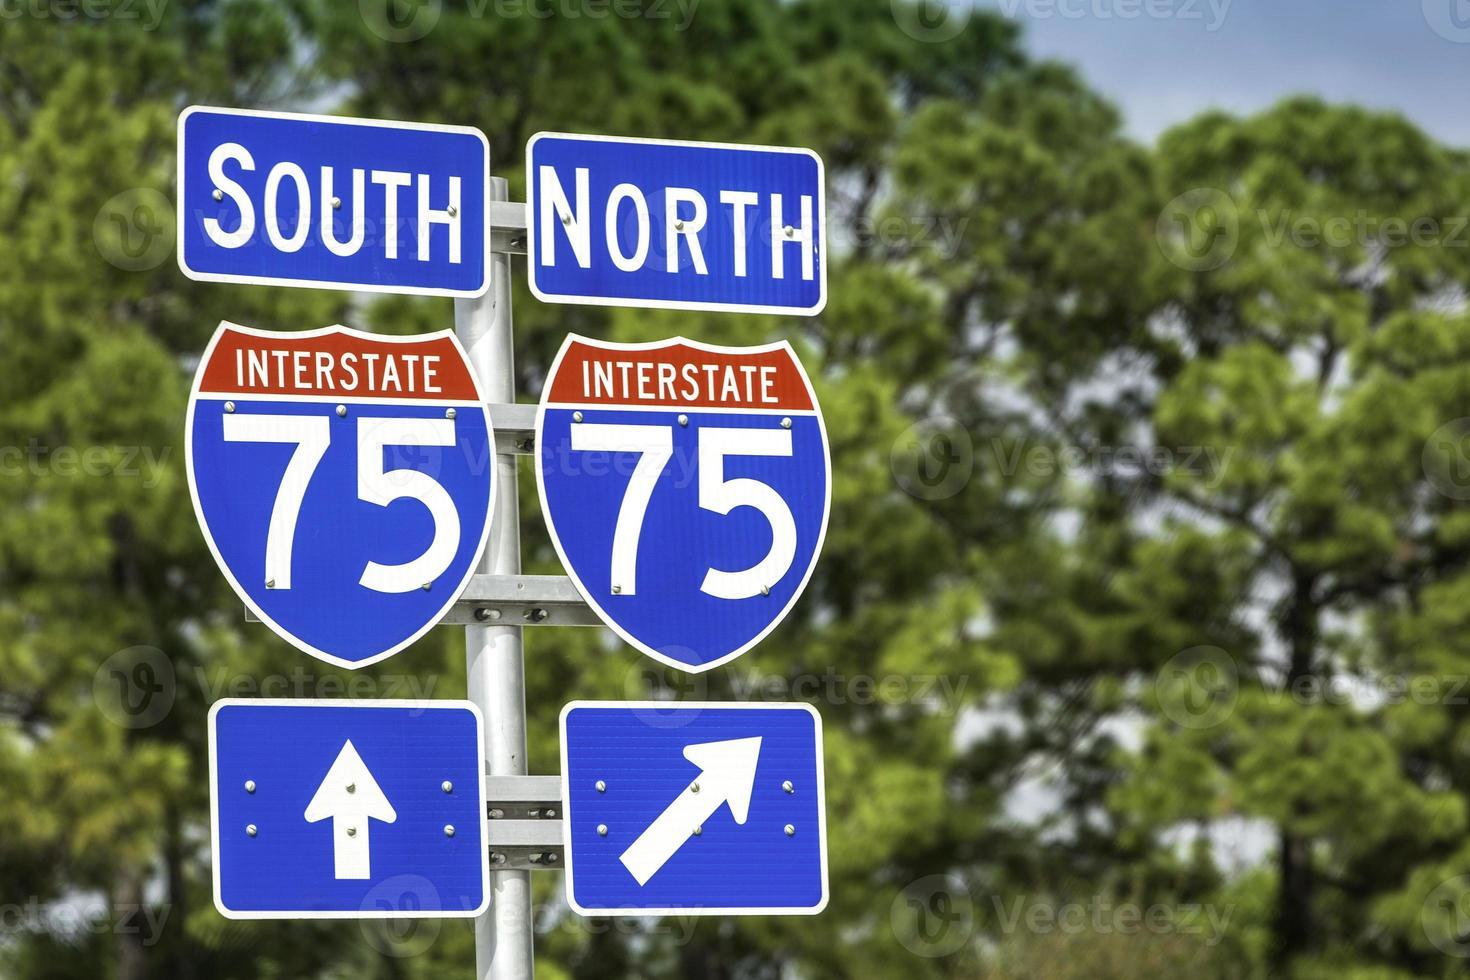 Señales direccionales a lo largo de la autopista interestatal i-75 de EE. UU. en Florida foto